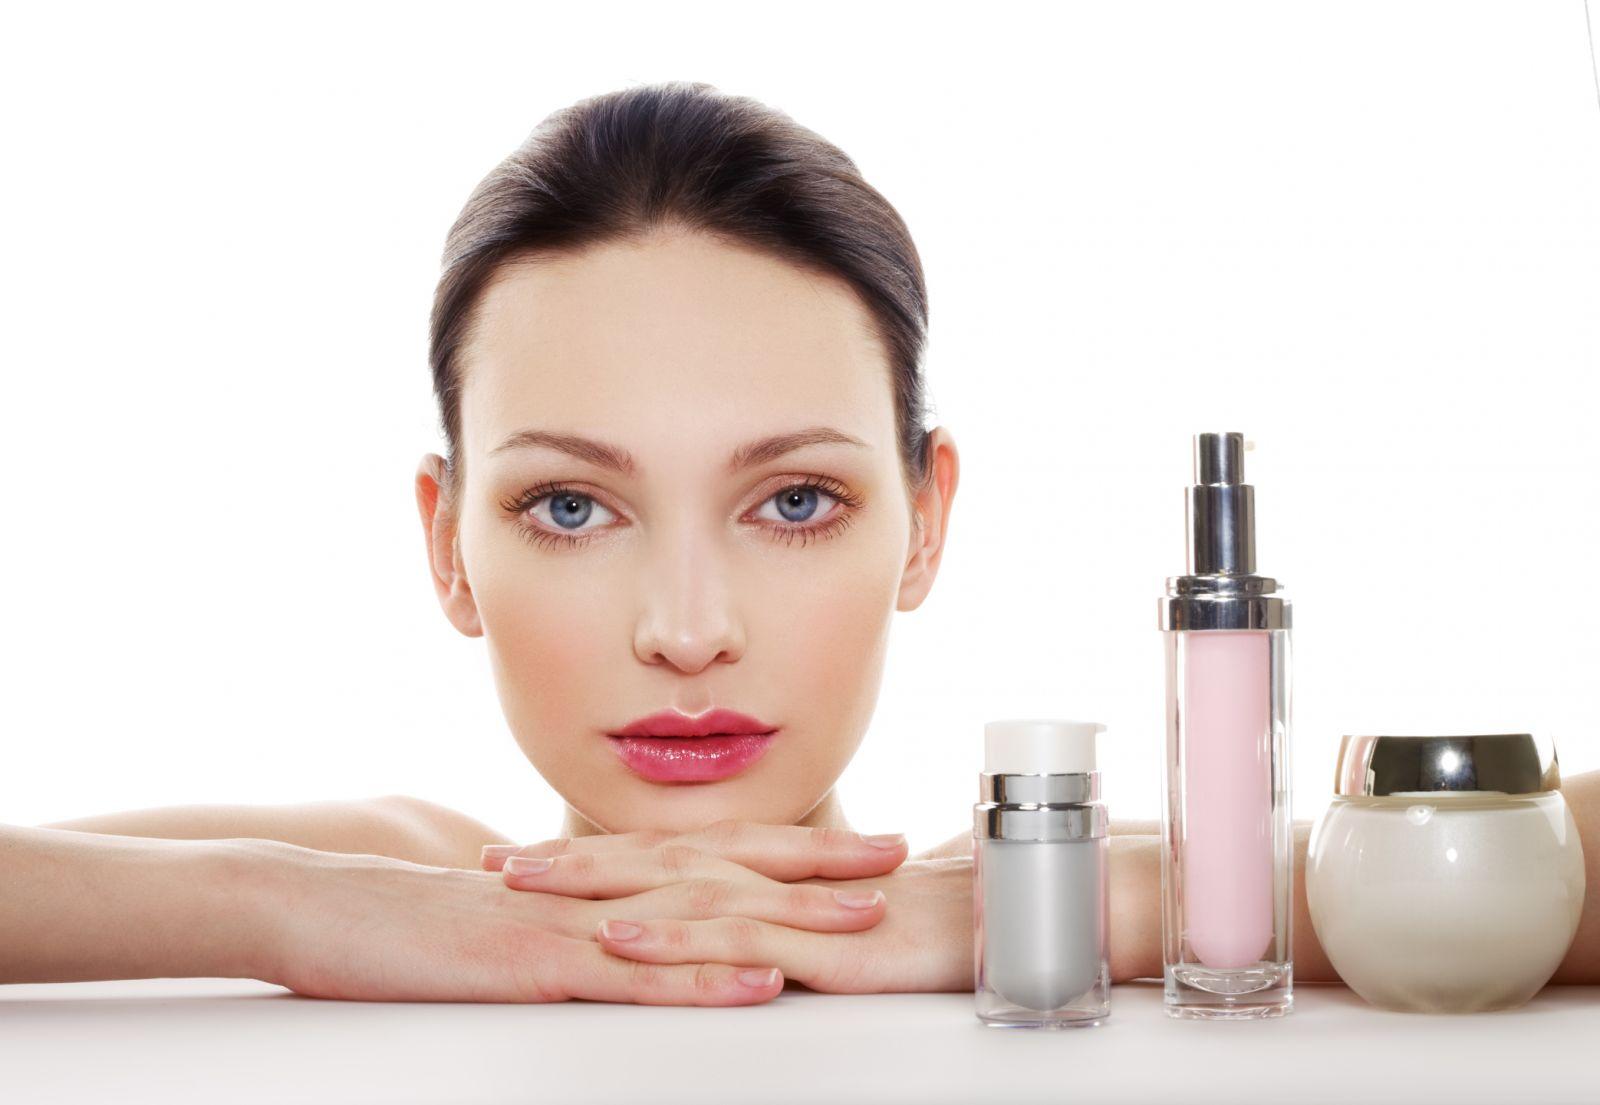 Cách lựa chọn mỹ phẩm chăm sóc da mặt